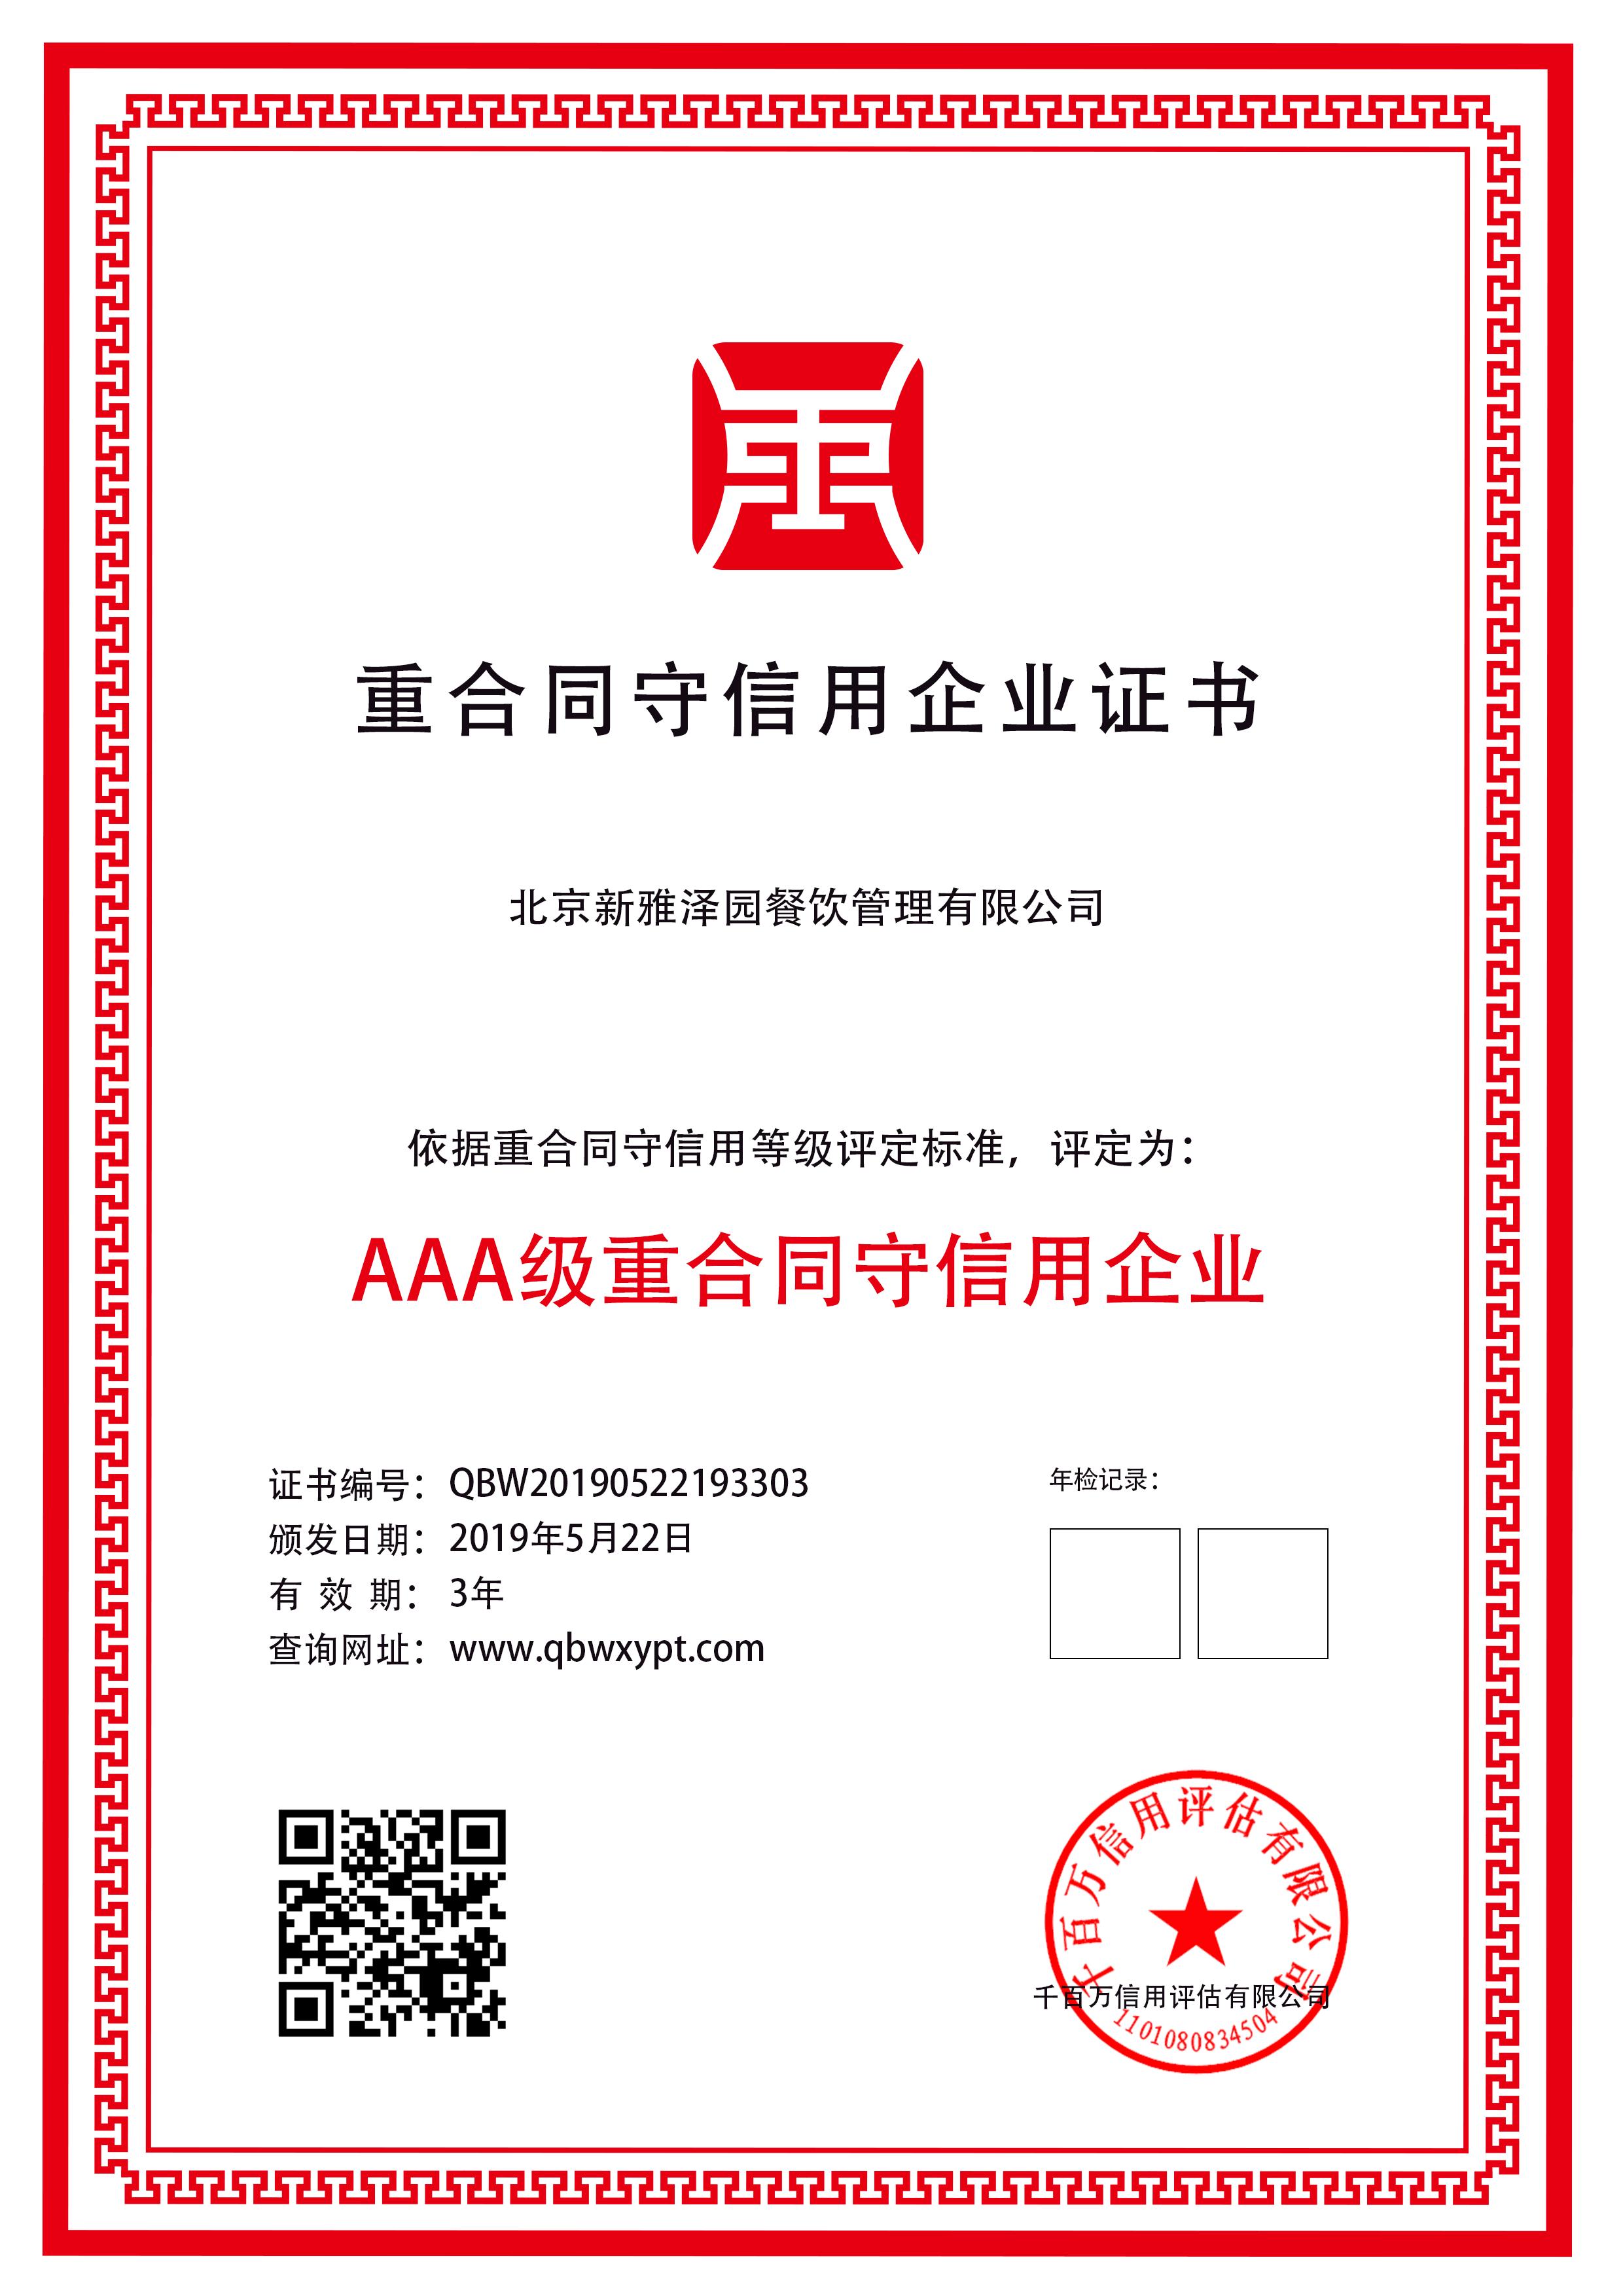 北京新雅泽园餐饮管理有限公司-重合同守信用企业证书